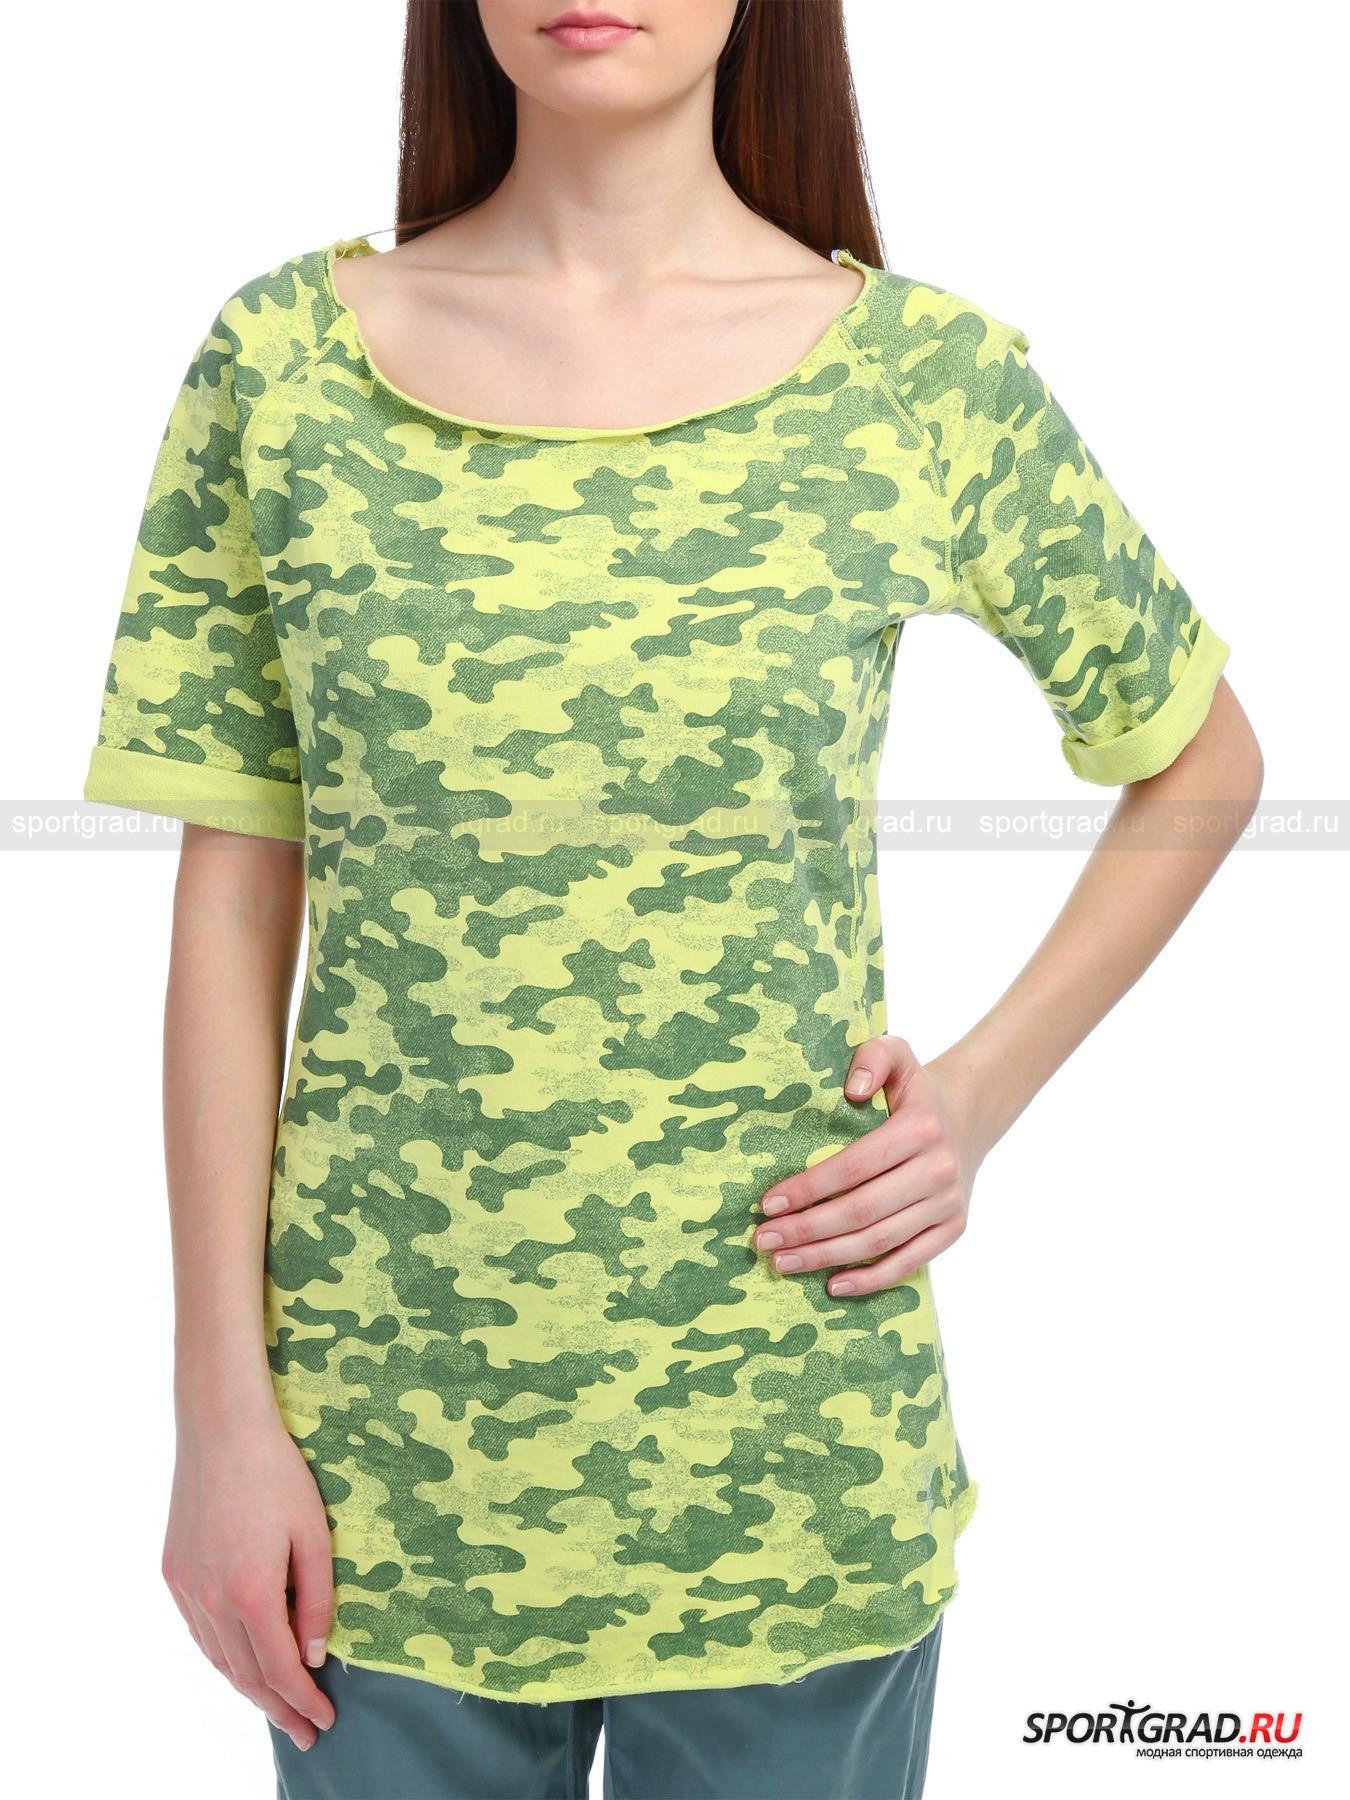 Футболка женская принтованная Sh/sleeves Swetshirt DEHA из футерированного хлопкаФутболки<br>Принтованная женская футболка Sh/sleeves Swetshirt с камуфляжными кляксами весеннего солнечного света и пятнами первой зелени смотрится задорно и интересно! Футерированное хлопковое полотно, с изнаночной стороны имеющее петельчатый начес, легонько массажирует кожу, позволяет ей дышать и абсорбирует с нее влагу, что наделяет данное изделие высокими гигиеничными свойствами. <br><br>Модель имеет:<br>- смелый овальный вырез горловины, обнажающий шею и ключицы; <br>- короткие рукава фасона реглан с застроченными по бокам отворотами наружу;<br>- выполненные с наложением ткани прочные конструктивные швы спереди и сзади;<br>- удлиненную спинку и фигурные подрезы по подолу;<br>- отделку выреза горловины и низа изделия необработанным краем в стиле «гранж»;<br>- серебристо поблескивающую аппликацию с названием логотипа, расположившуюся на левом бедре, и декоративную фирменную шлевку сзади под воротом – в качестве украшения.<br>Длина изделия сзади от горловины до низа ок. 71, 5 см, длина рукава по внутреннему шву 16 см, ширина груди 17, 5 см, ширина по бедрам 49 см (размер S).<br><br>Пол: Женский<br>Возраст: Взрослый<br>Тип: Футболки<br>Рекомендации по уходу: Изделию показана стирка при температуре 30°, глажка при температуре, не превышающей 110°, и химчистка. Запрещены отбеливание и сушка в стиральной машине или электросушилке для белья.<br>Состав: 100% хлопок